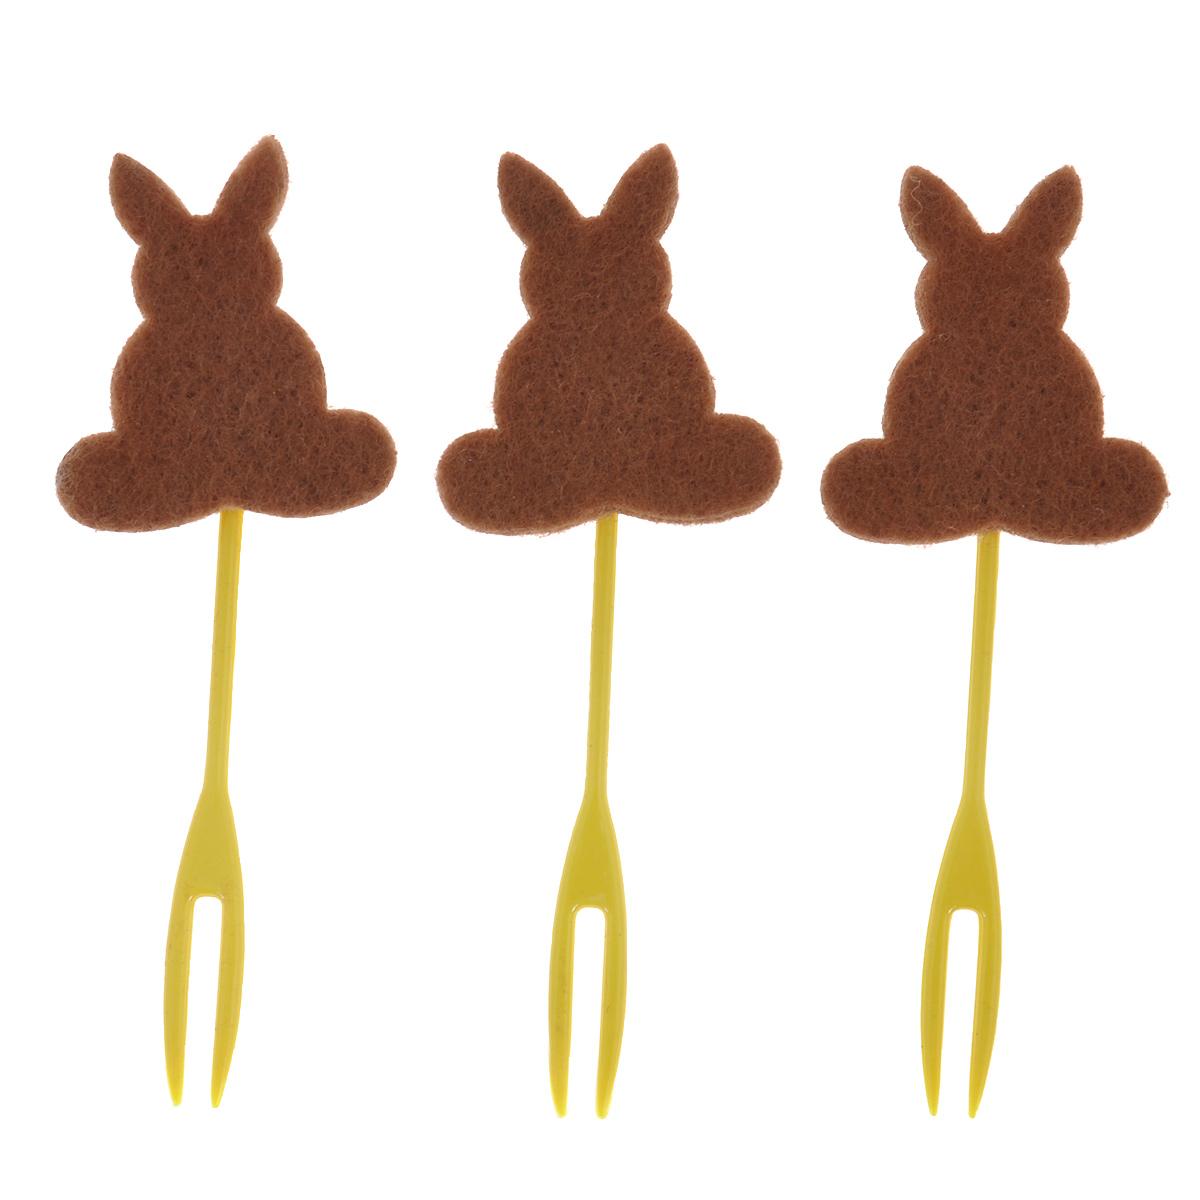 Набор декоративных вилочек Home Queen Кролик для украшения кулича, цвет: коричневый, длина 10 см, 3 шт60722коричневыйНабор Home Queen Кролик, изготовленный из пластика и фетра, состоит из трех декоративных вилочек, предназначенных для украшения пасхального кулича. Изделия декорированы фигурками кроликов. Такой набор прекрасно дополнит оформление праздничного стола на Пасху.Размер фигурки: 4 см х 4 см.